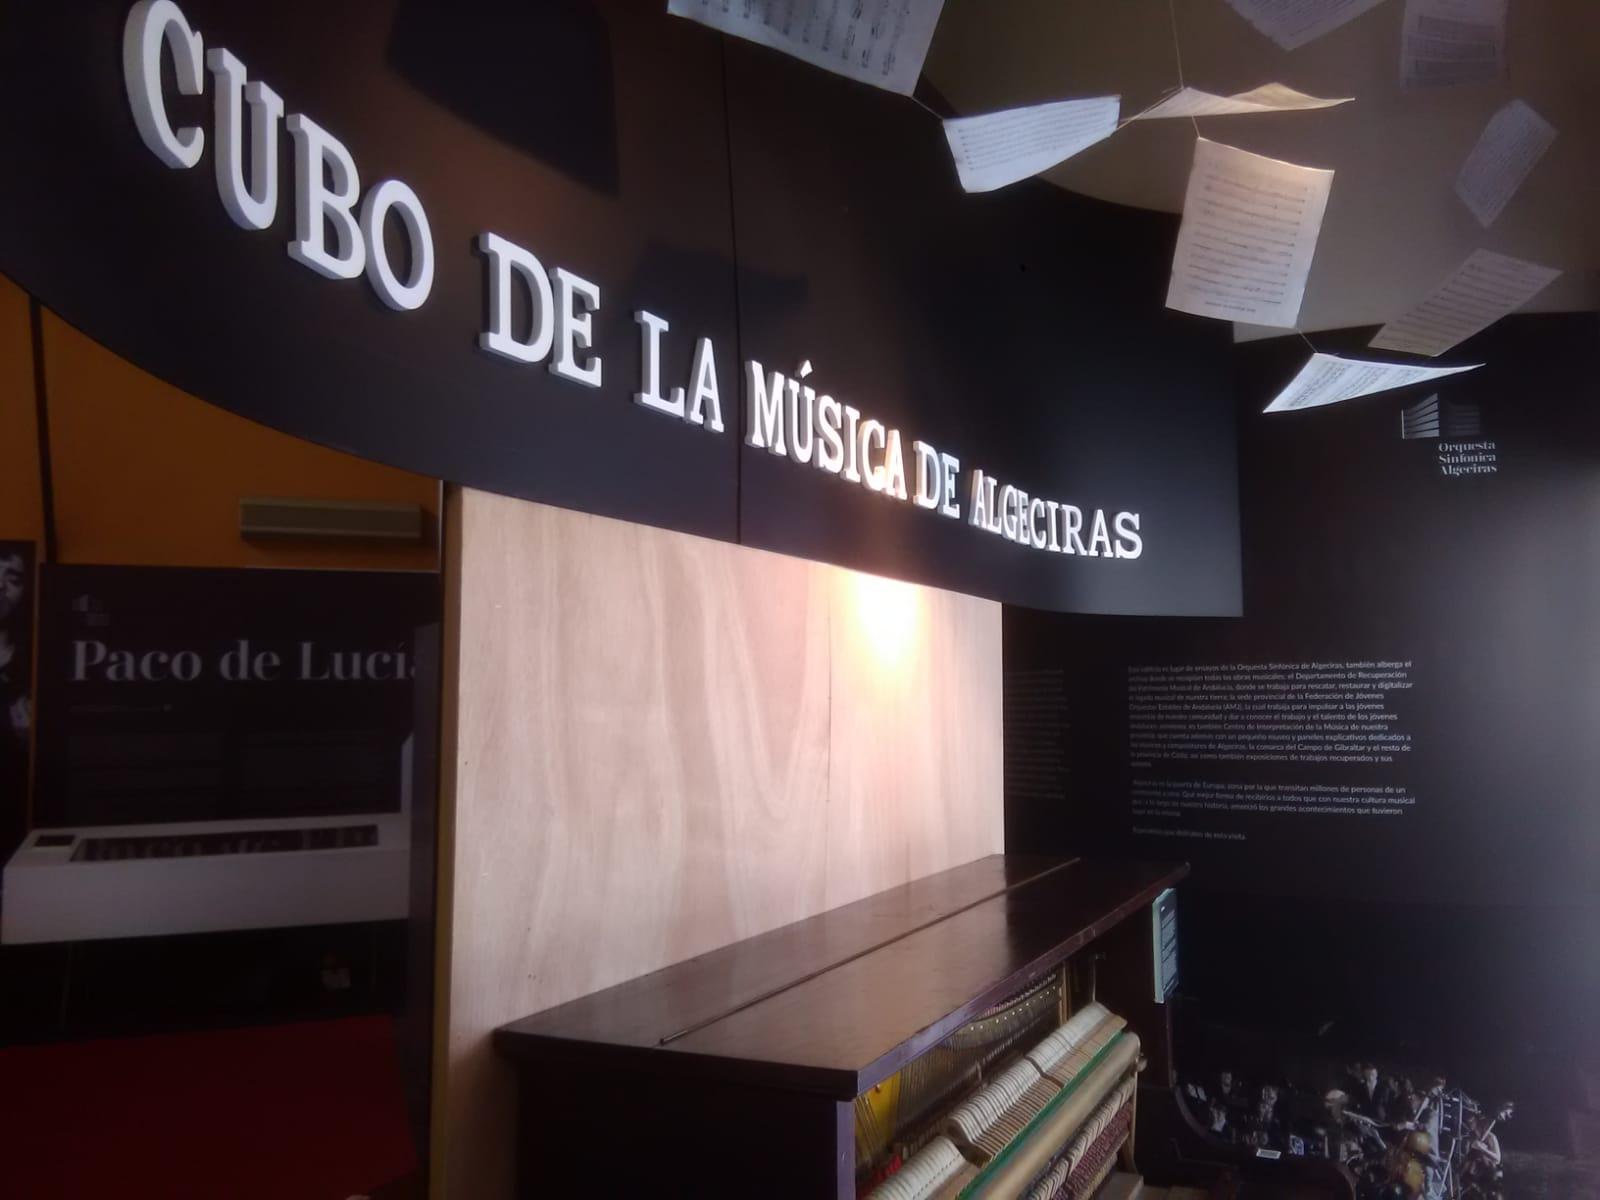 Cartel-Cubo-de-la-Musica-1